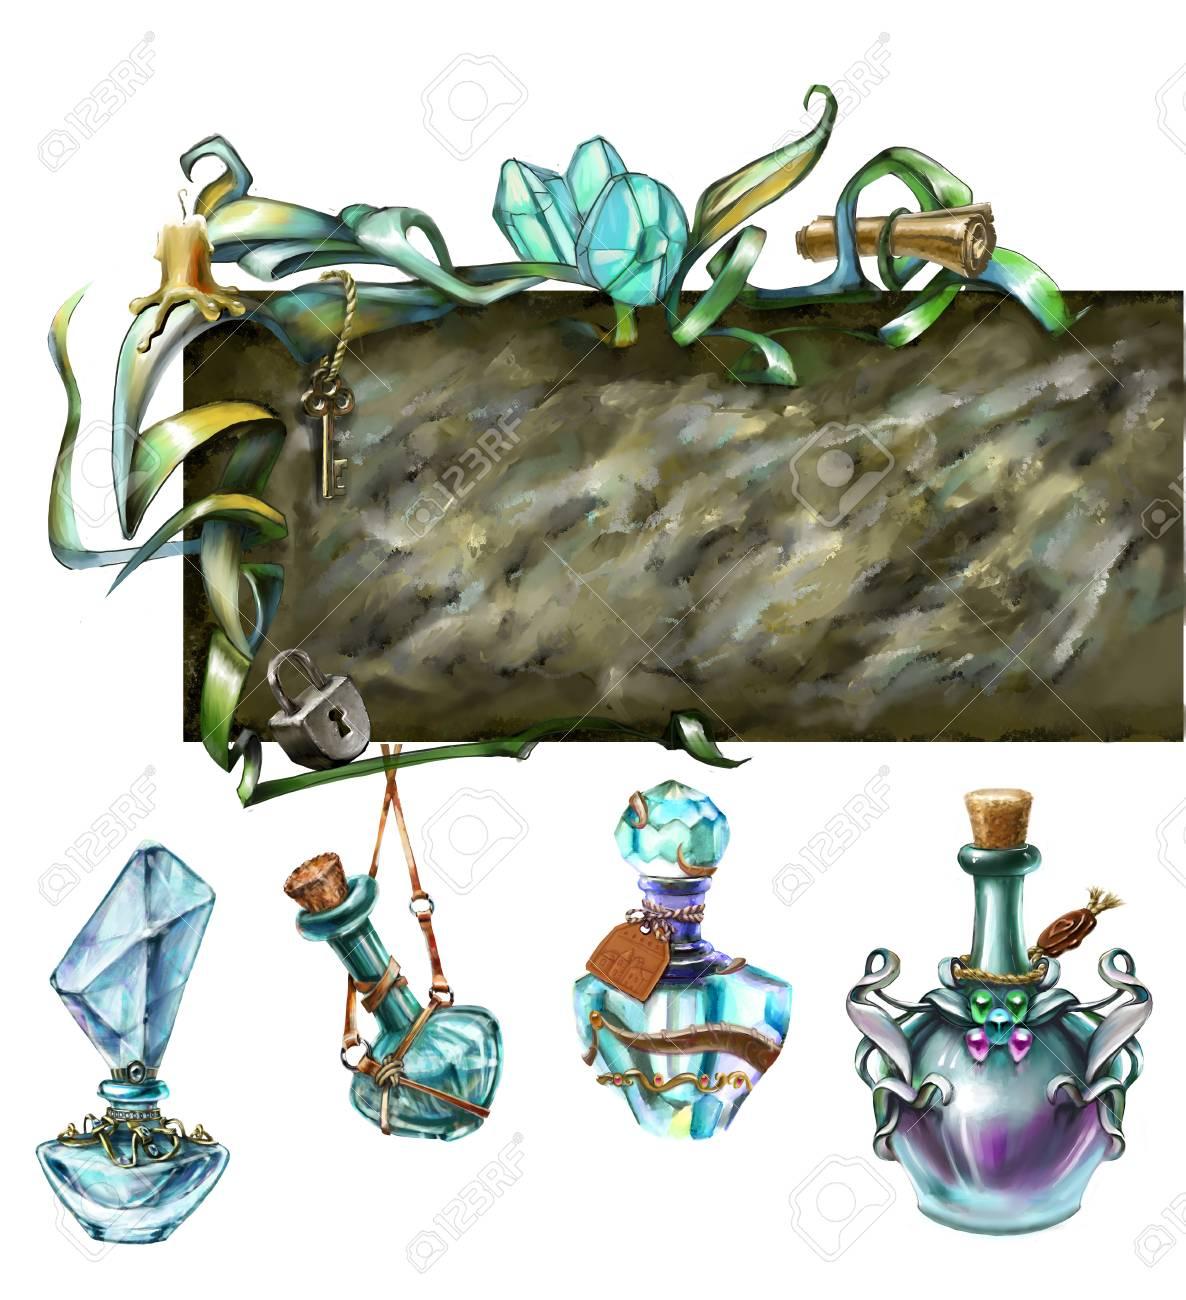 Cristales, Entorno De Interfaz Para Juegos De Fantasía ...